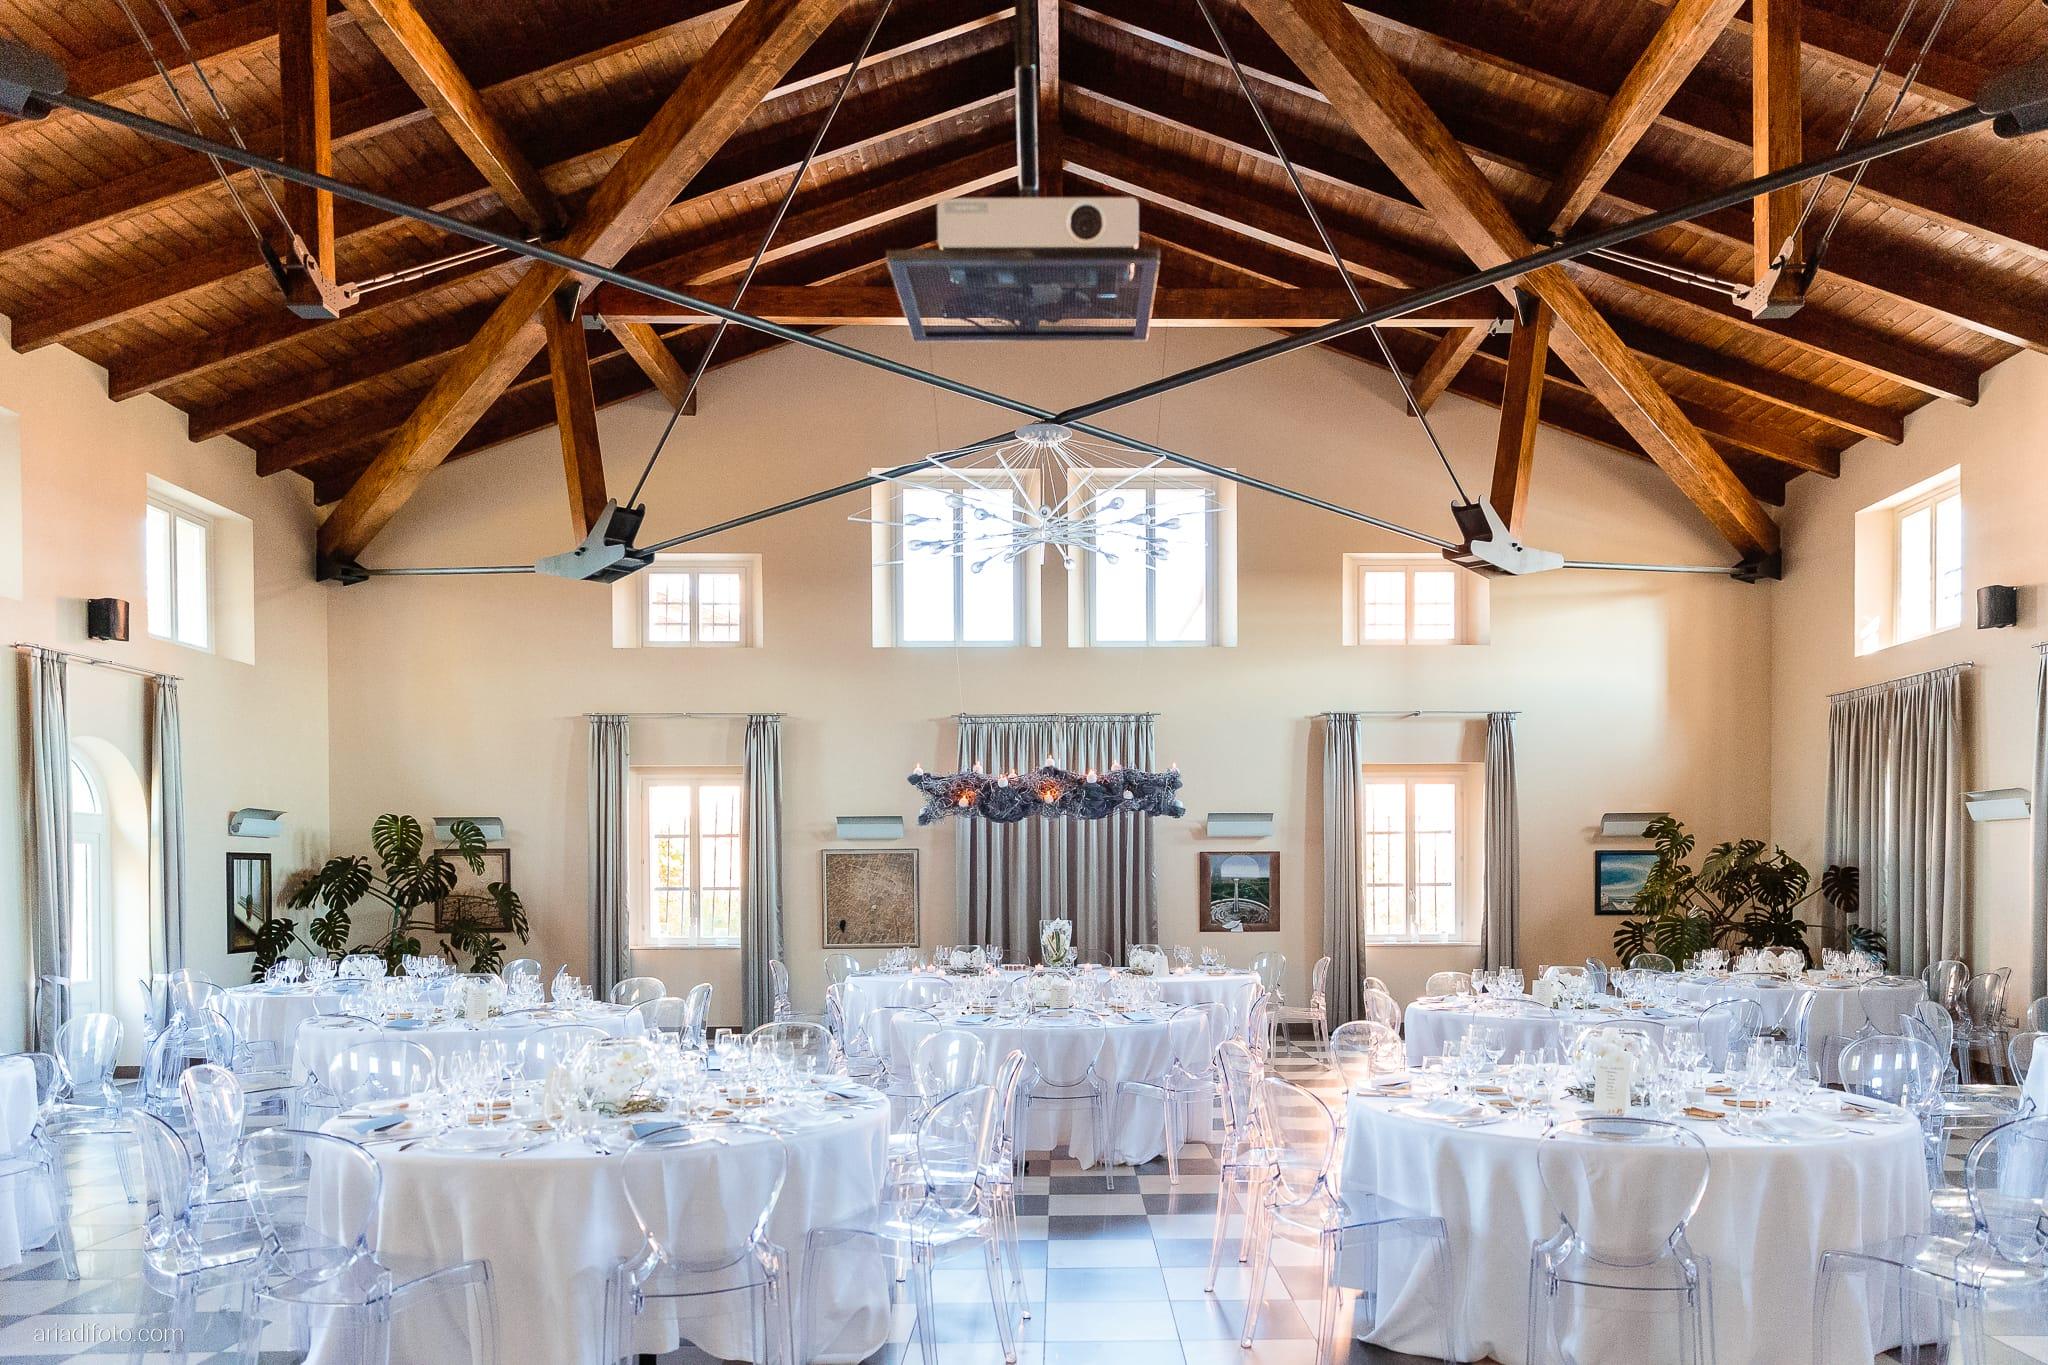 Francesca Patrick matrimonio Grado Villa Rigatti Fiumicello Udine ricevimento dettagli location tavoli allestimento centrotavola fiori orchidee